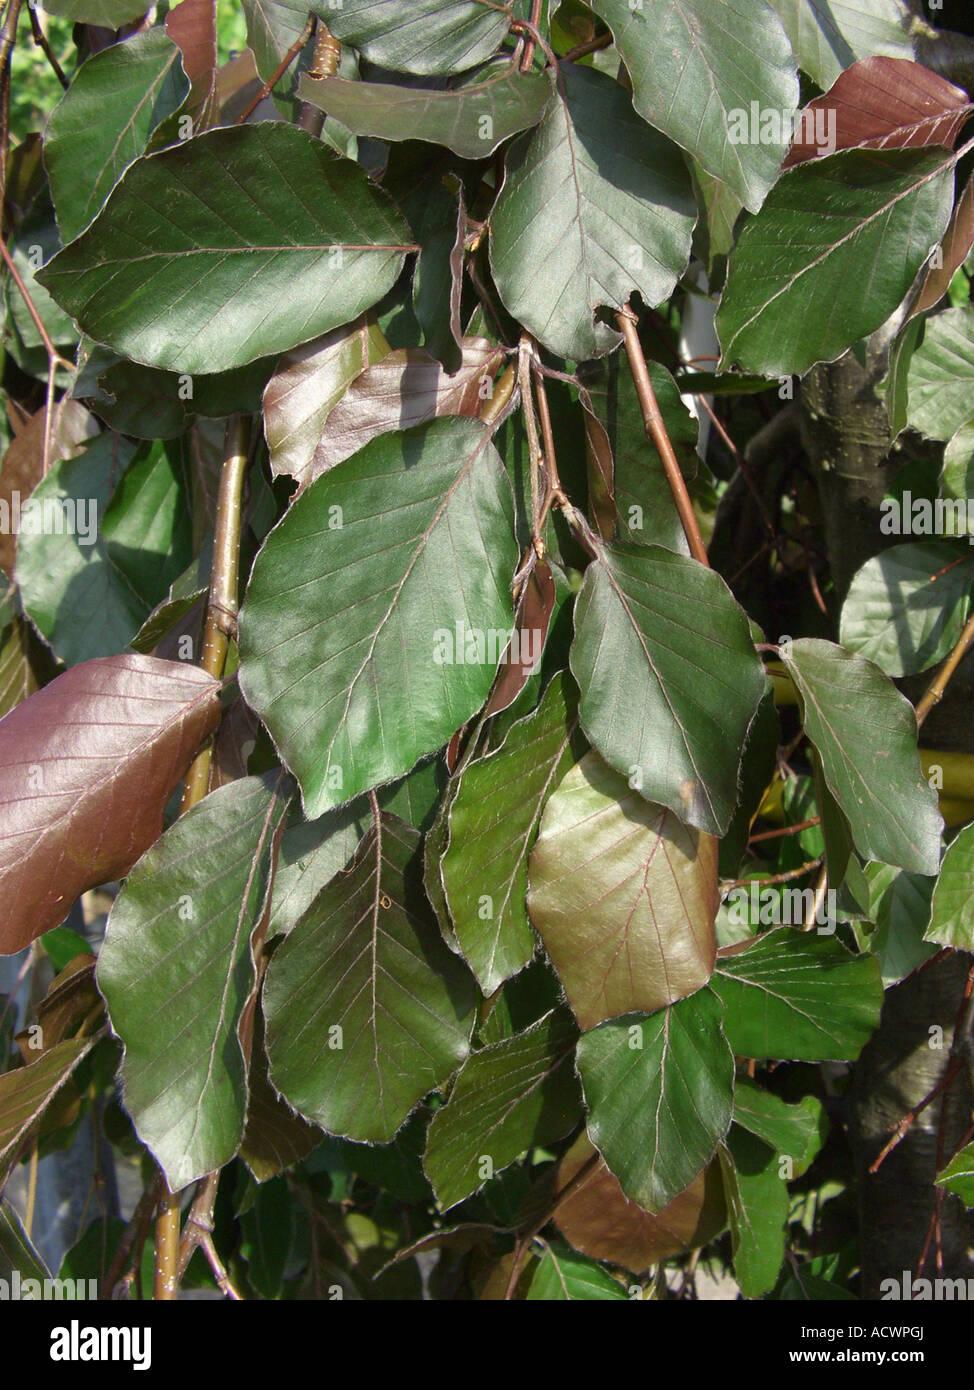 common beech (Fagus sylvatica 'Purpurea Pendula', Fagus sylvatica Purpurea Pendula), twig with leaves - Stock Image